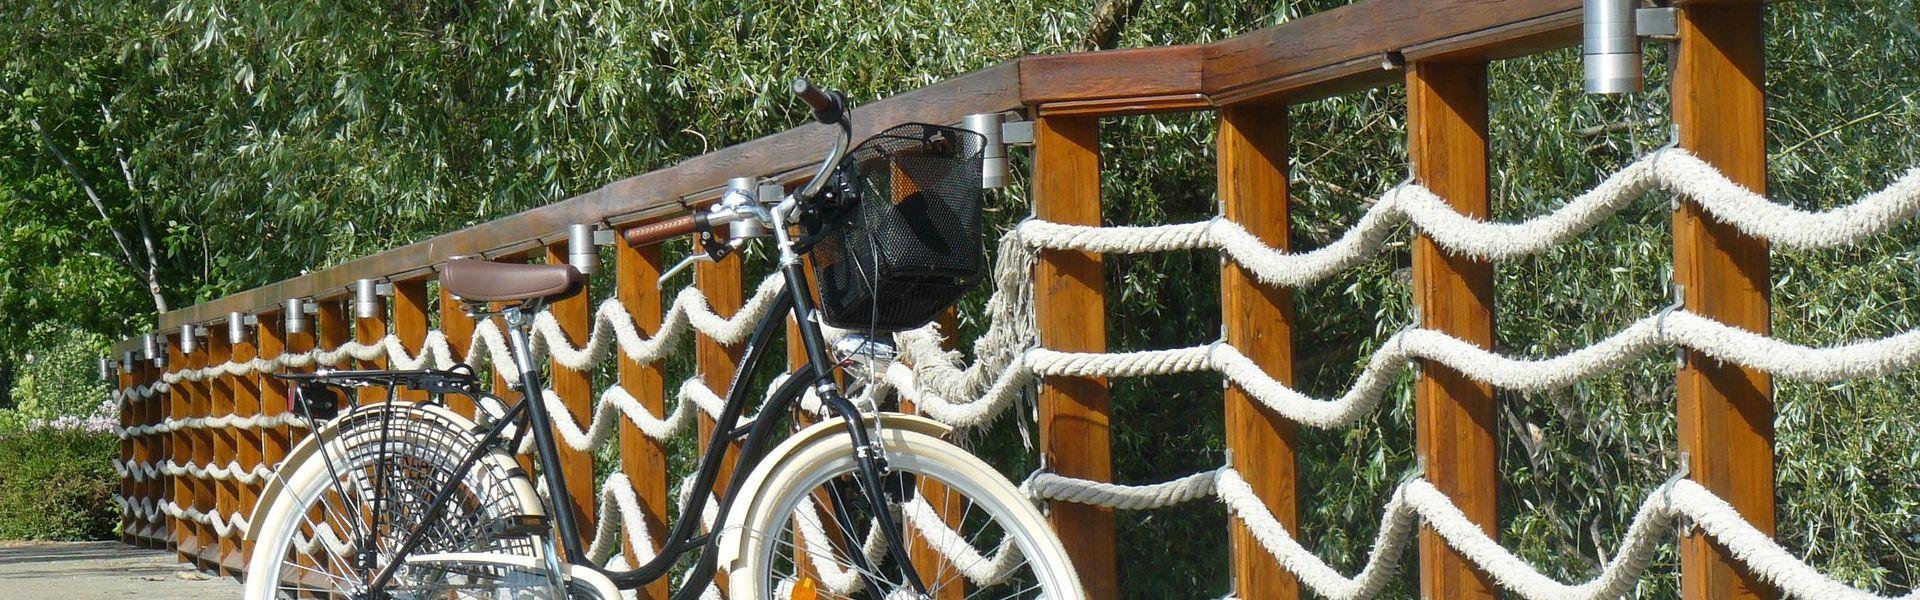 Városi kerékpárok 2020